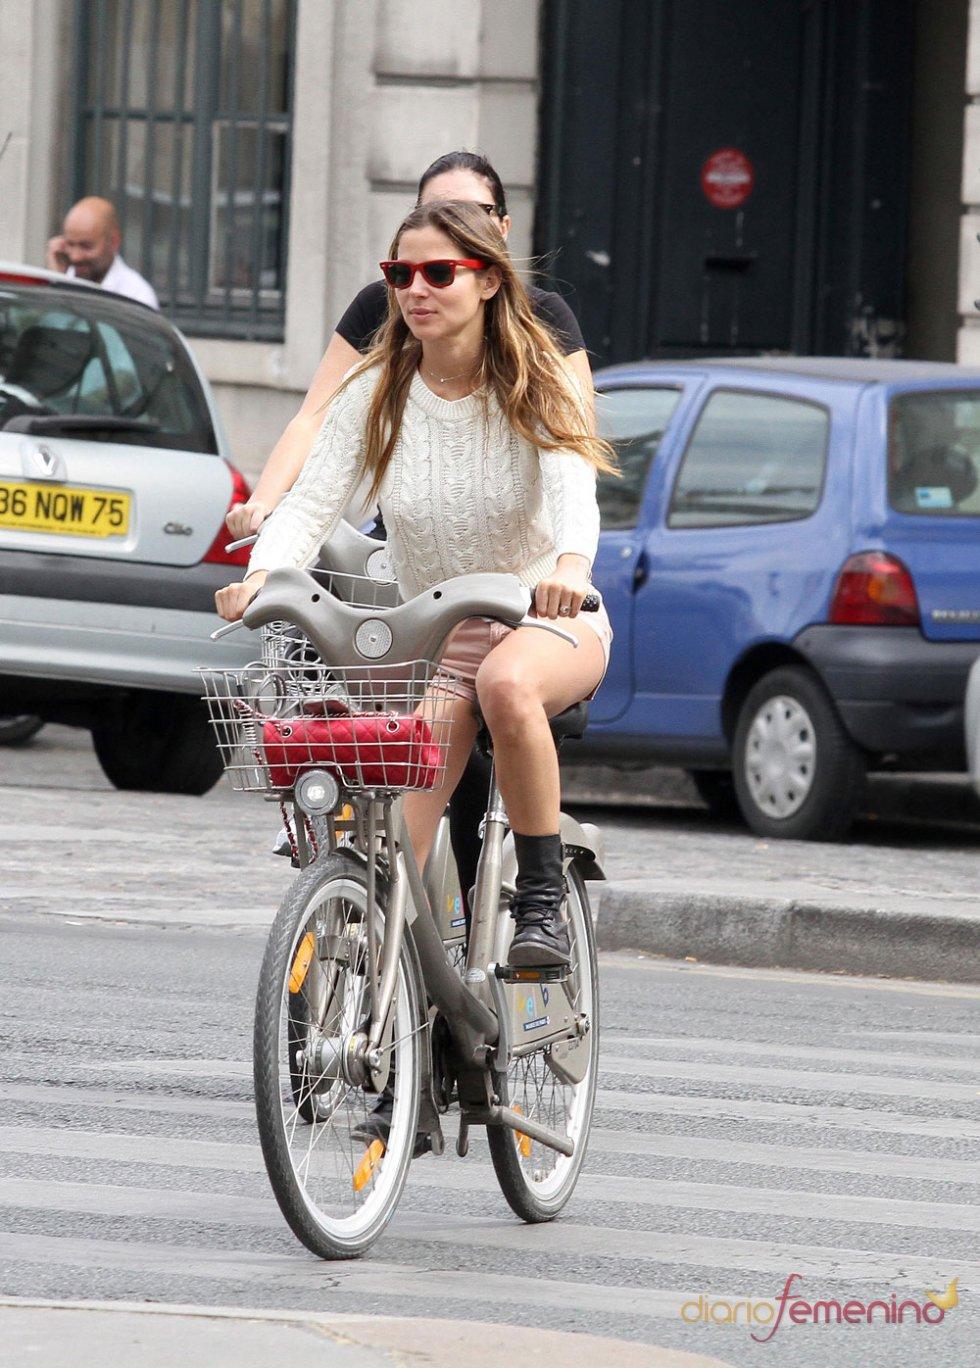 La actriz Elsa Pataky en  bici por París, Francia